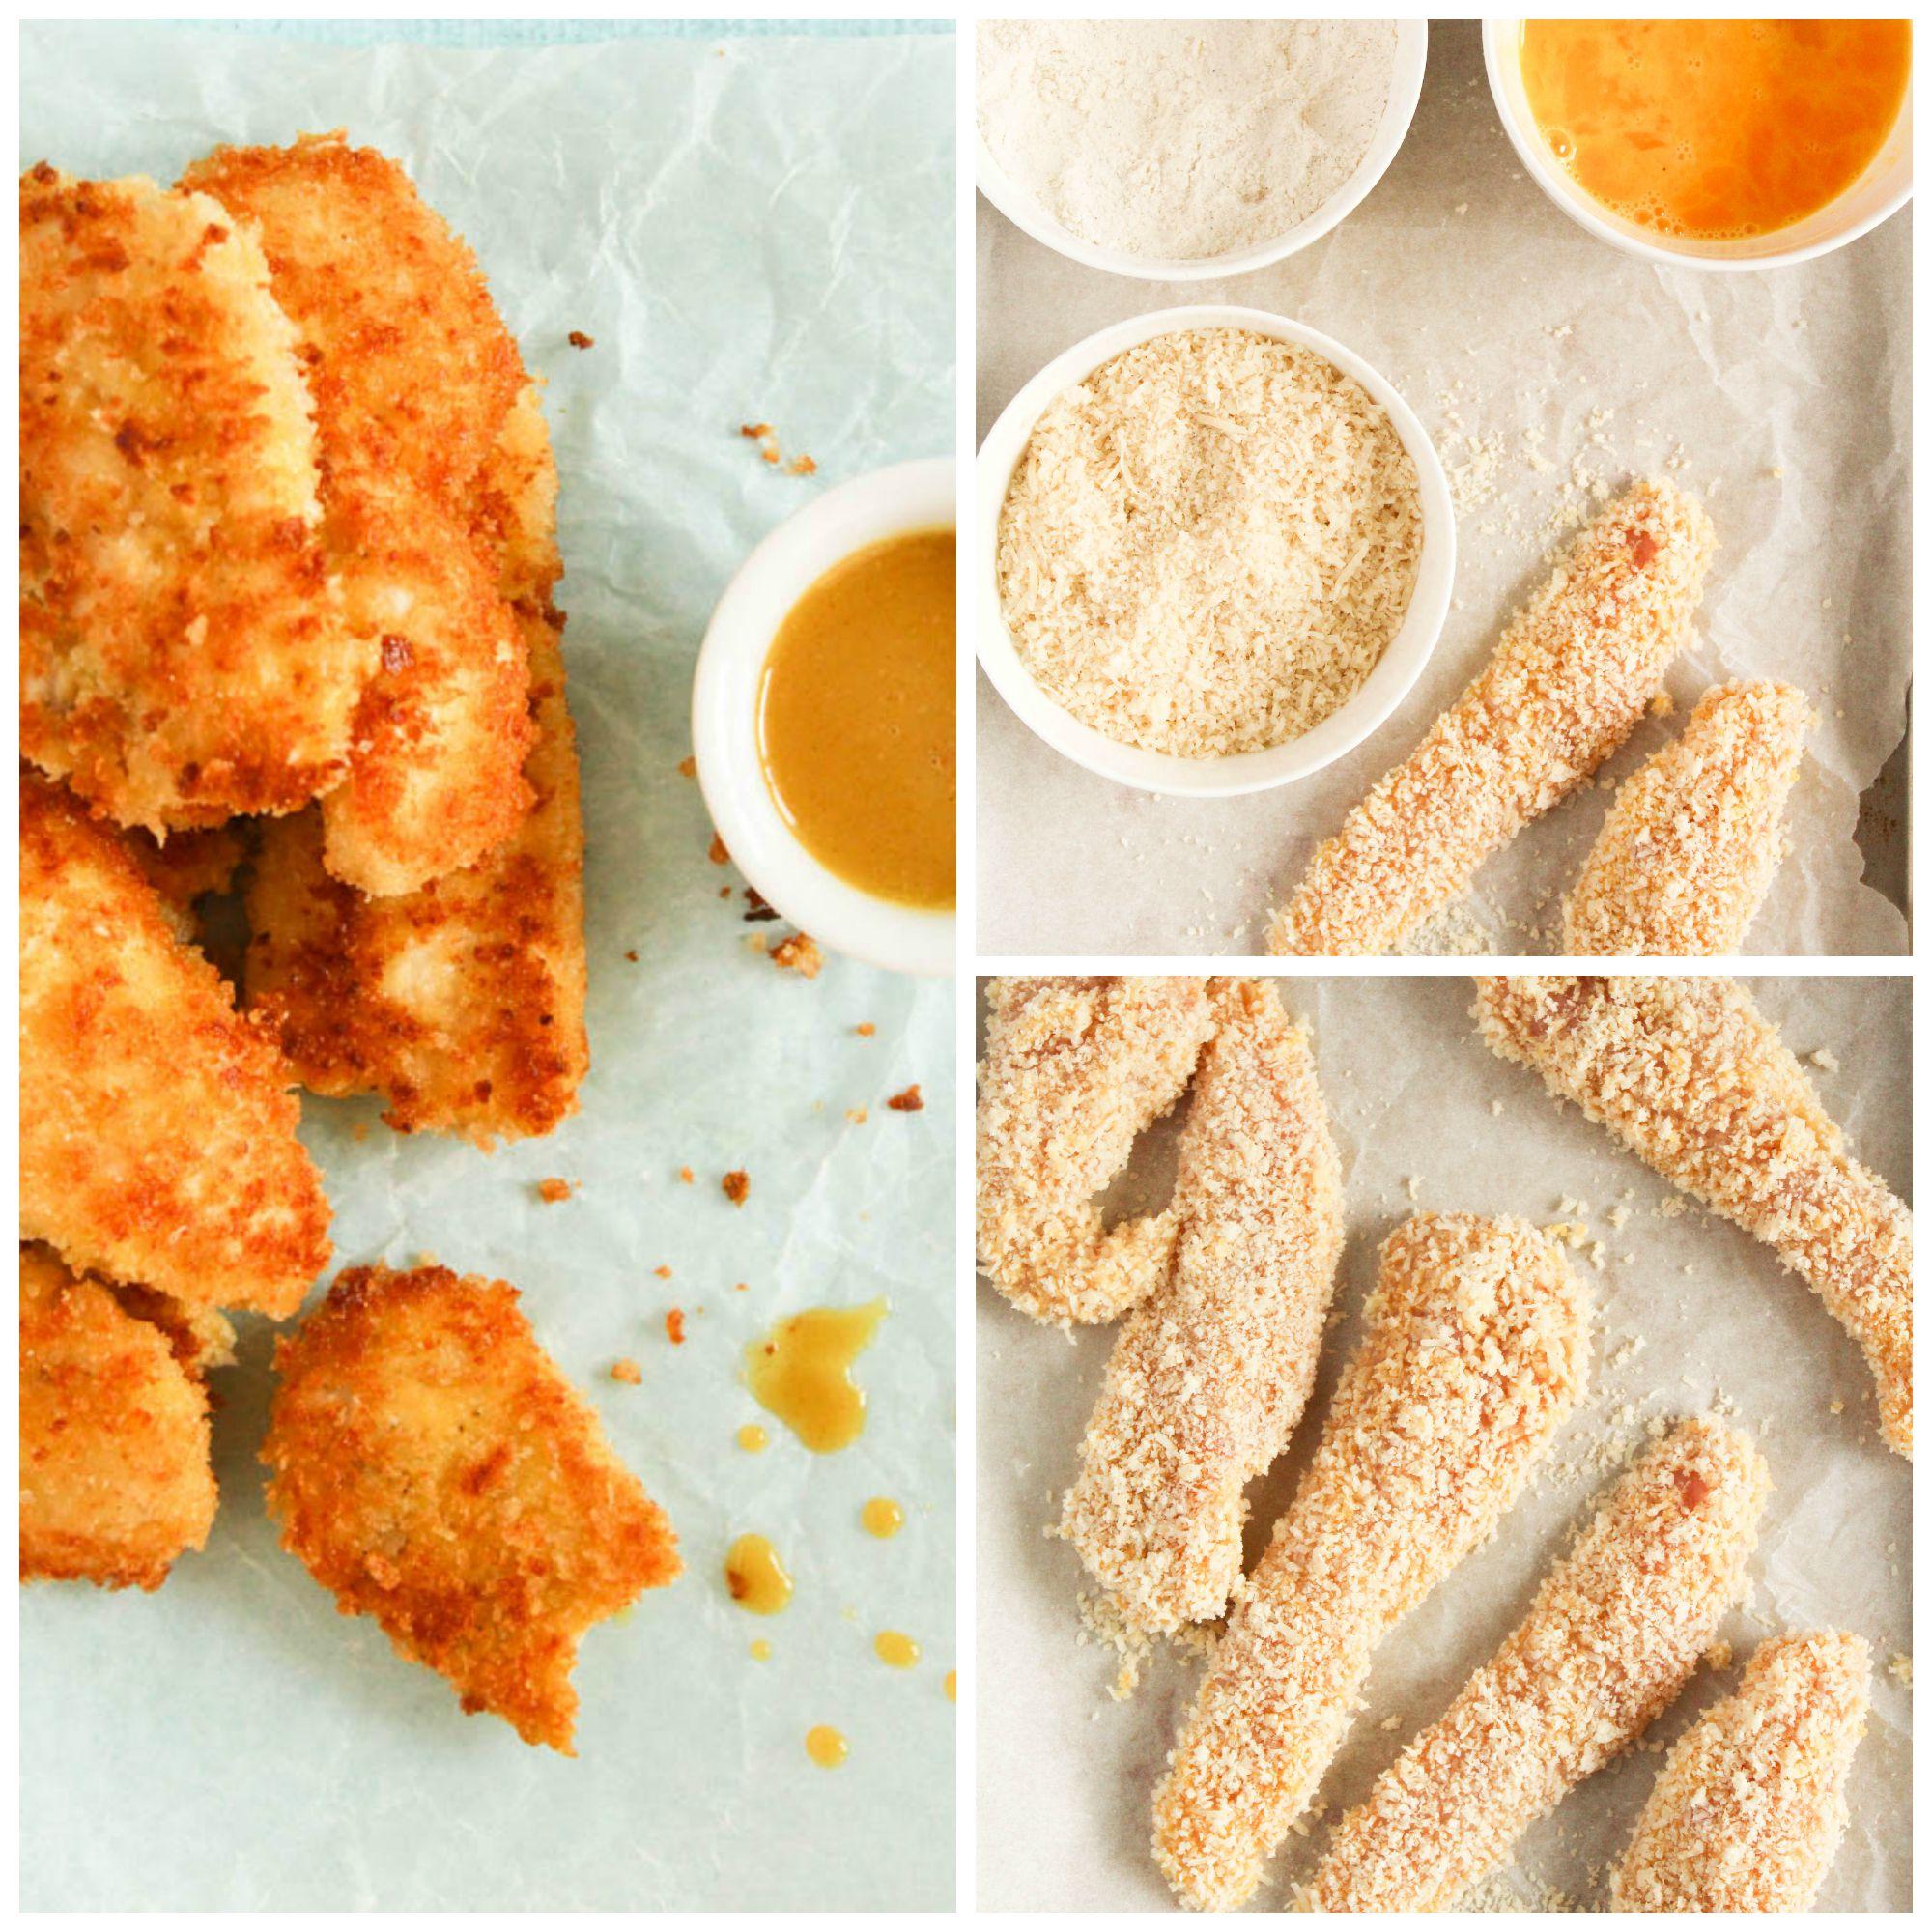 Crispy-Parmesan-Panko-Chicken-Tenders